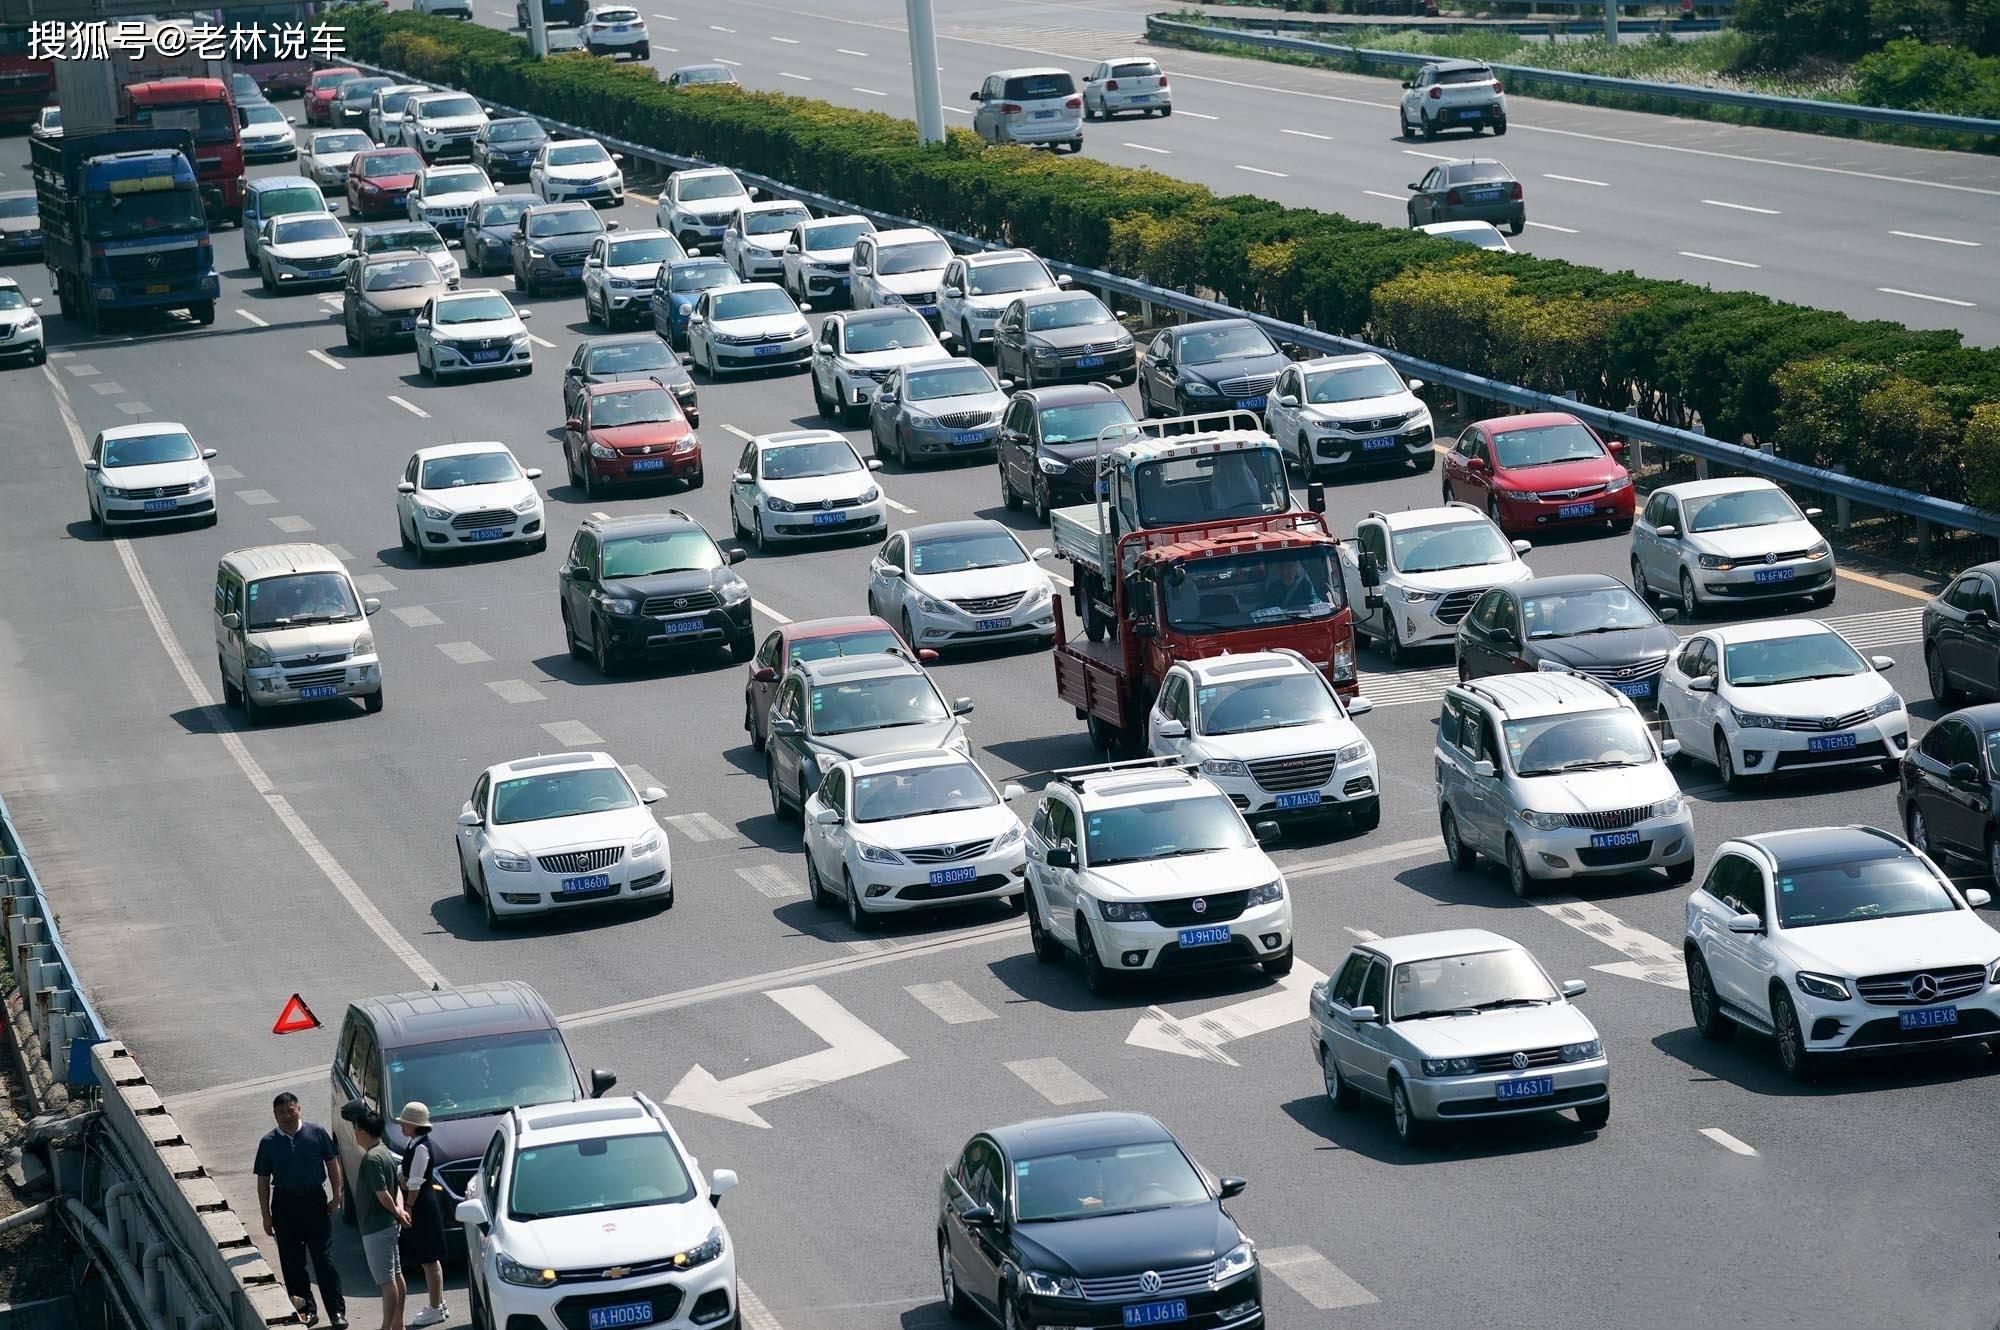 """五一高速怪现象:慢车在快车道""""龟行"""",快车在慢车道超车"""